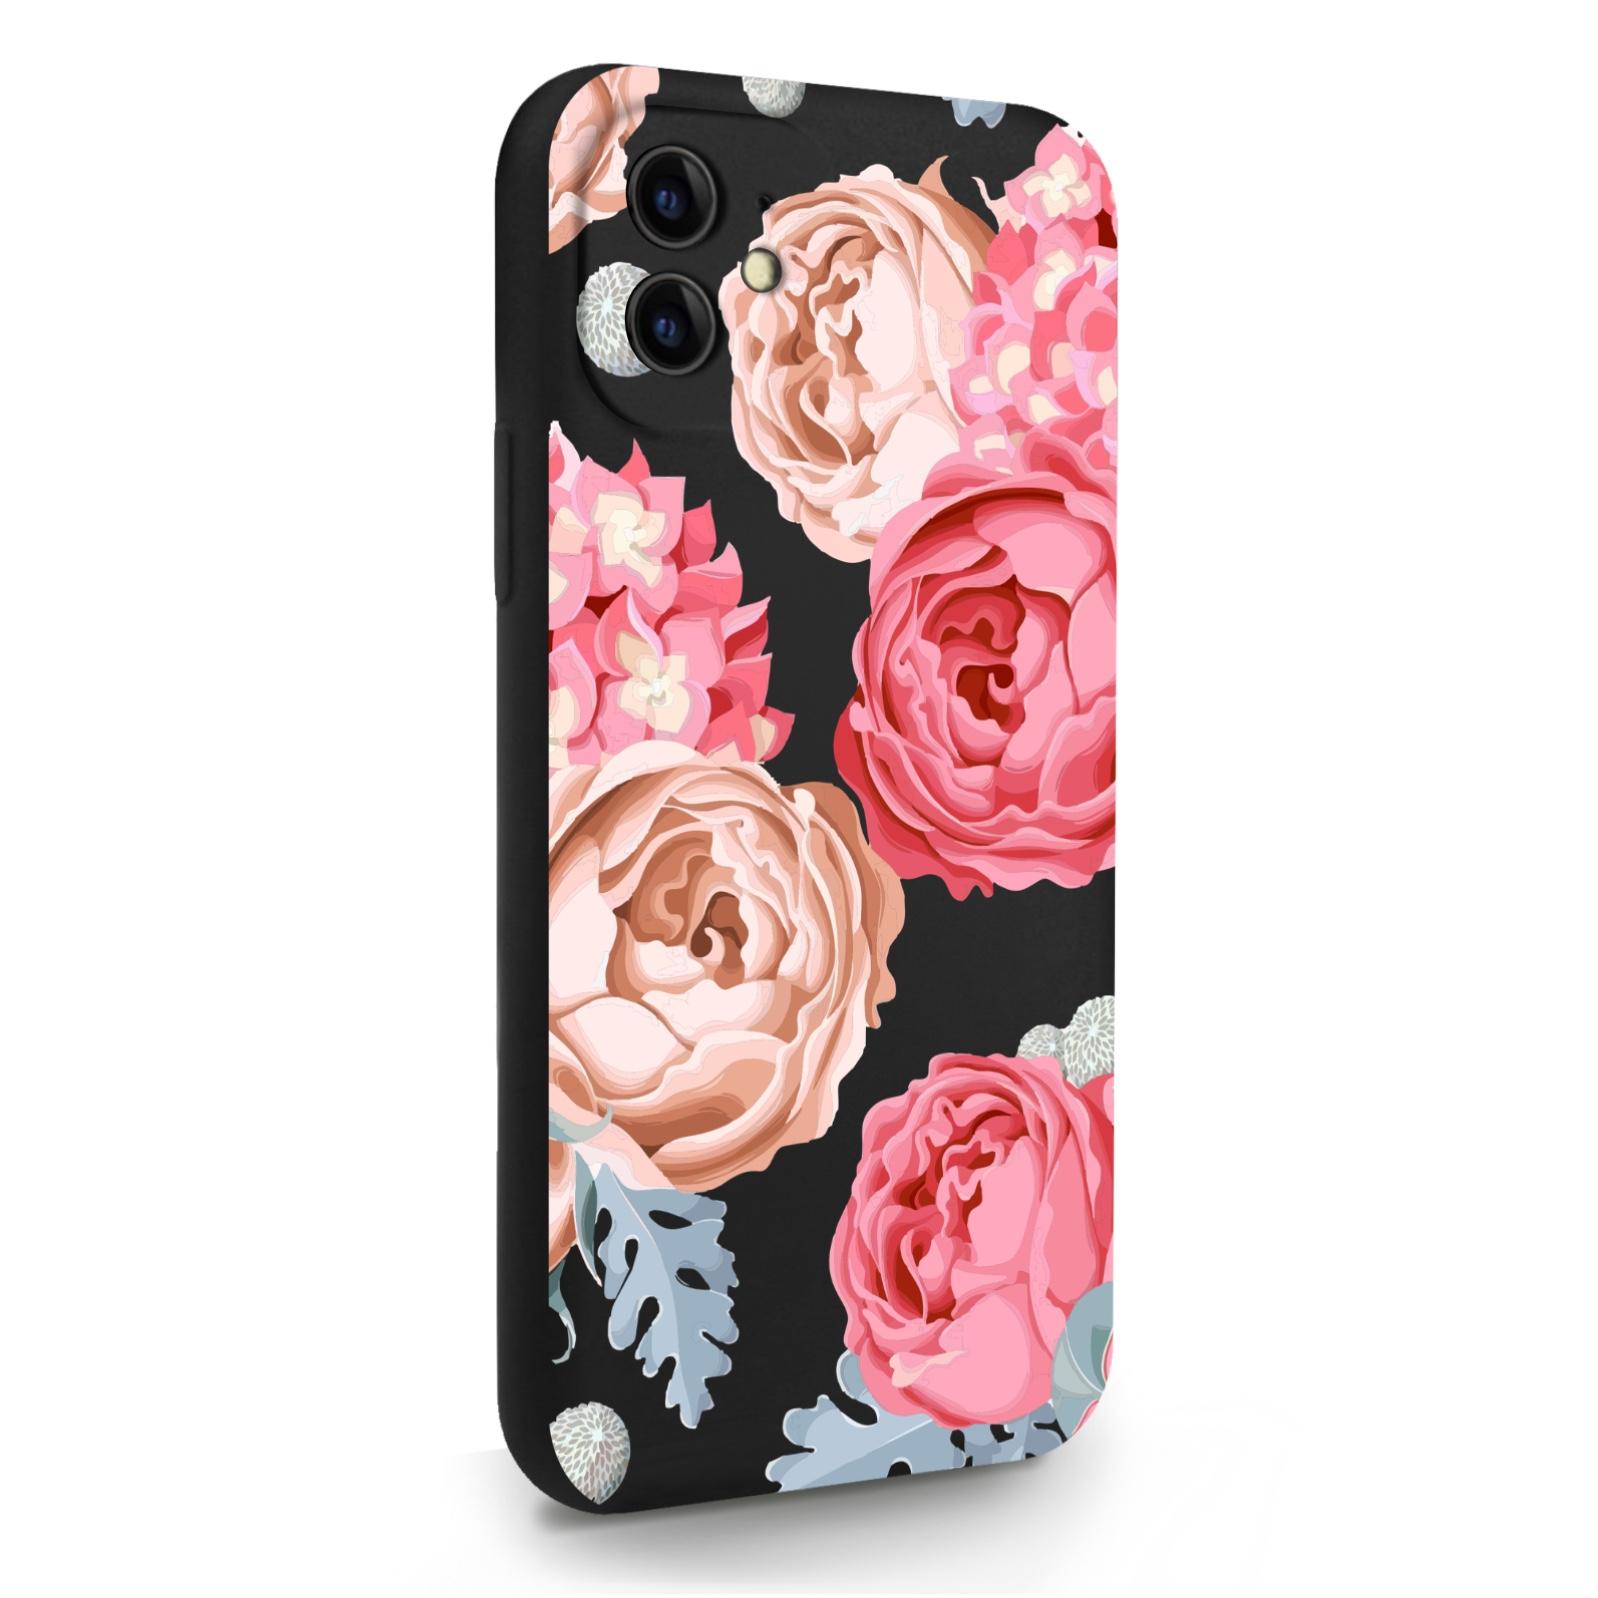 Черный силиконовый чехол для iPhone 11 Пионы для Айфон 11